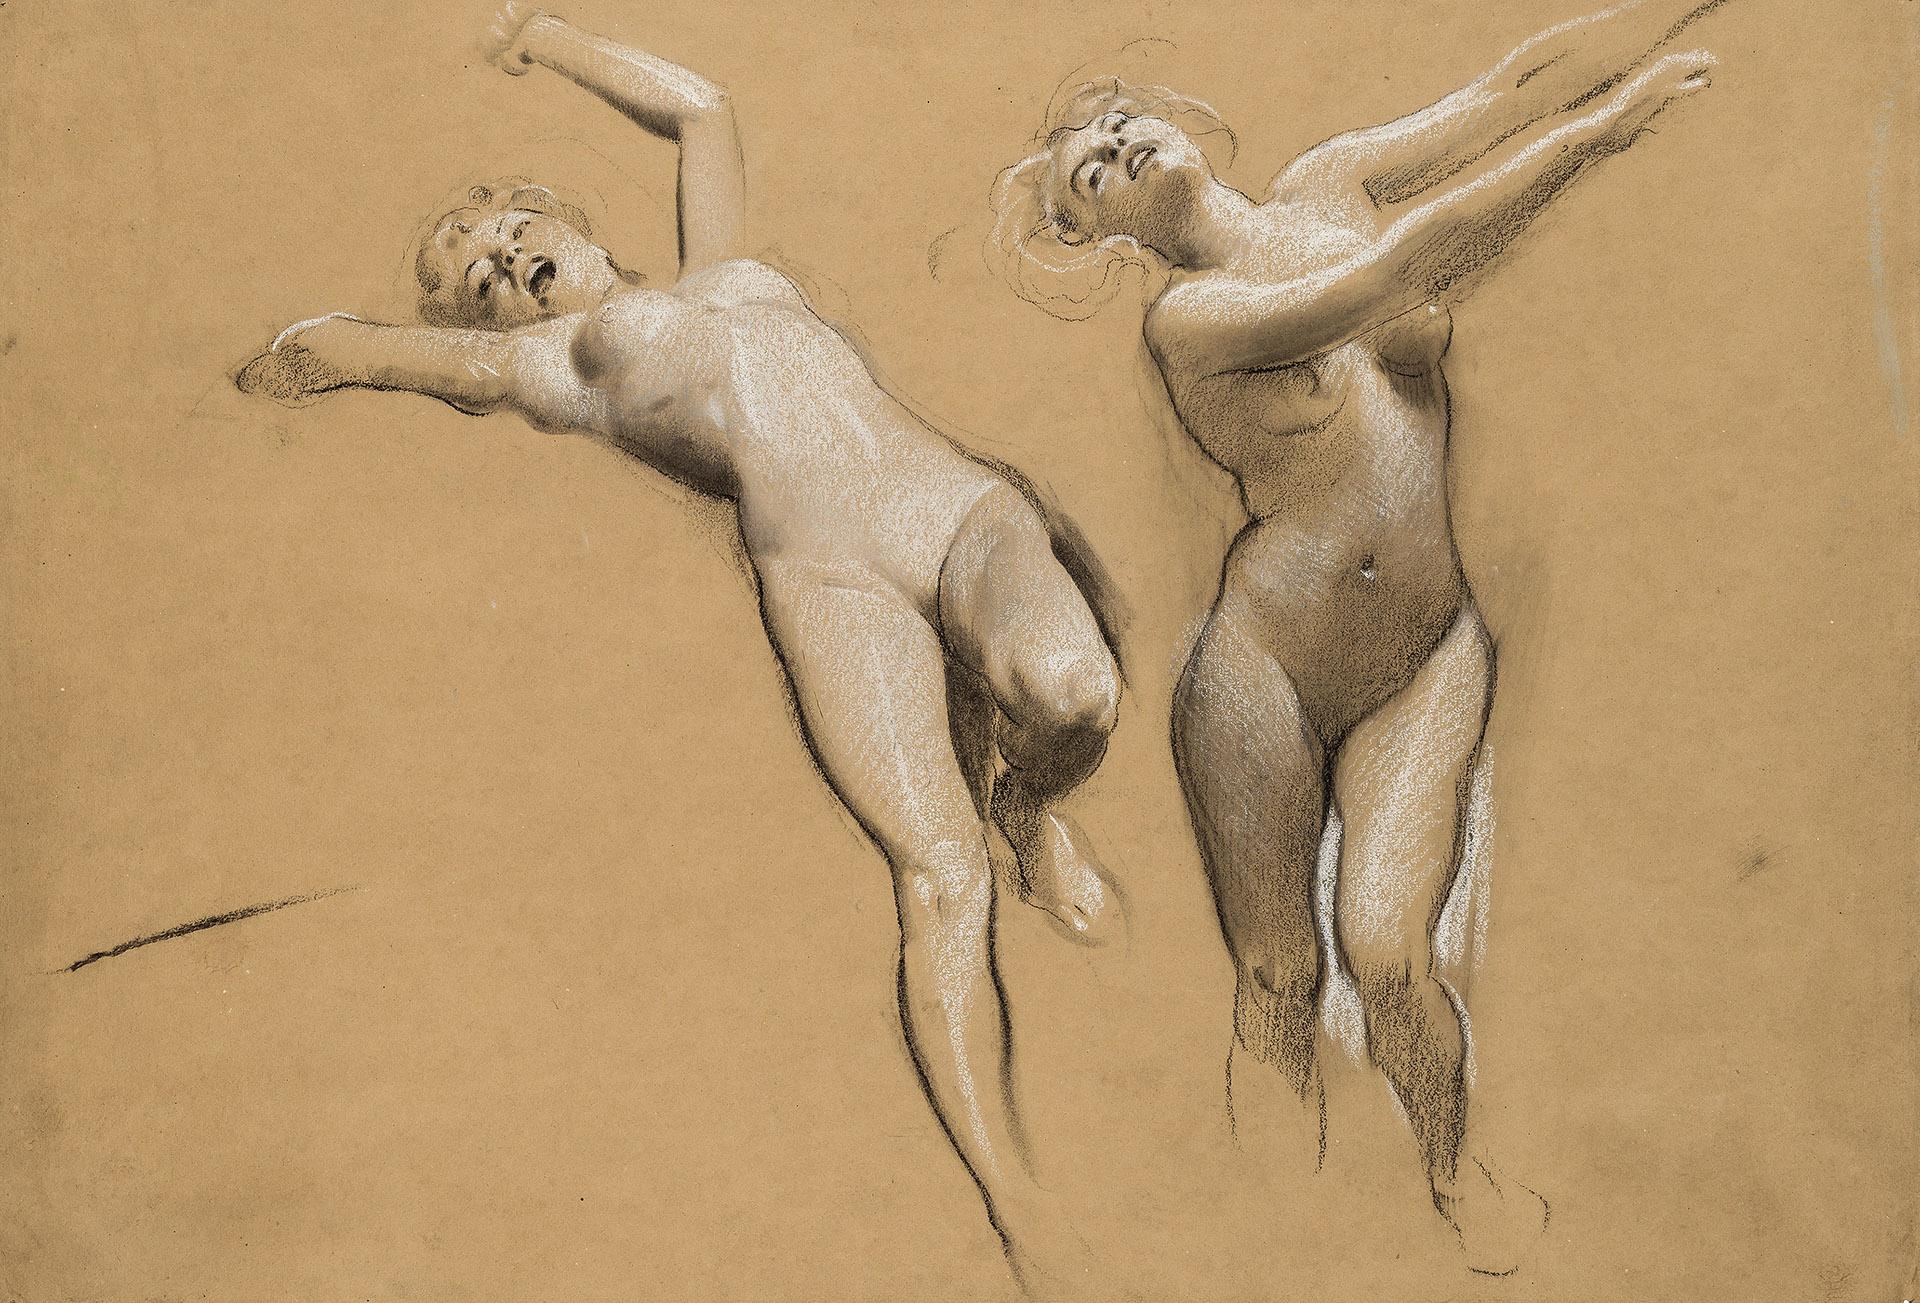 Female Nude Studies